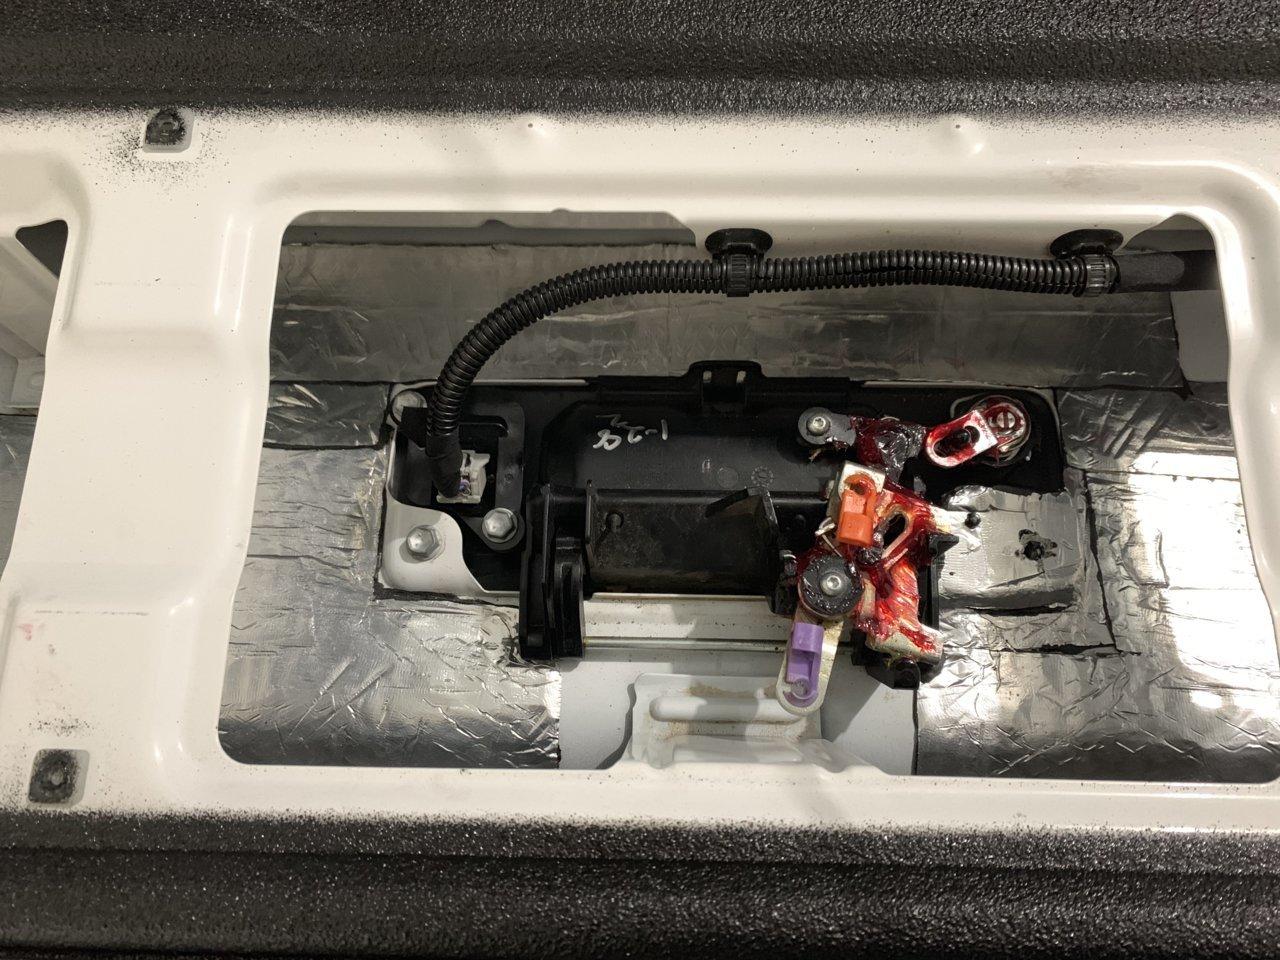 3E720129-FEC9-4909-A3E8-E9641D5ADCD2.jpg